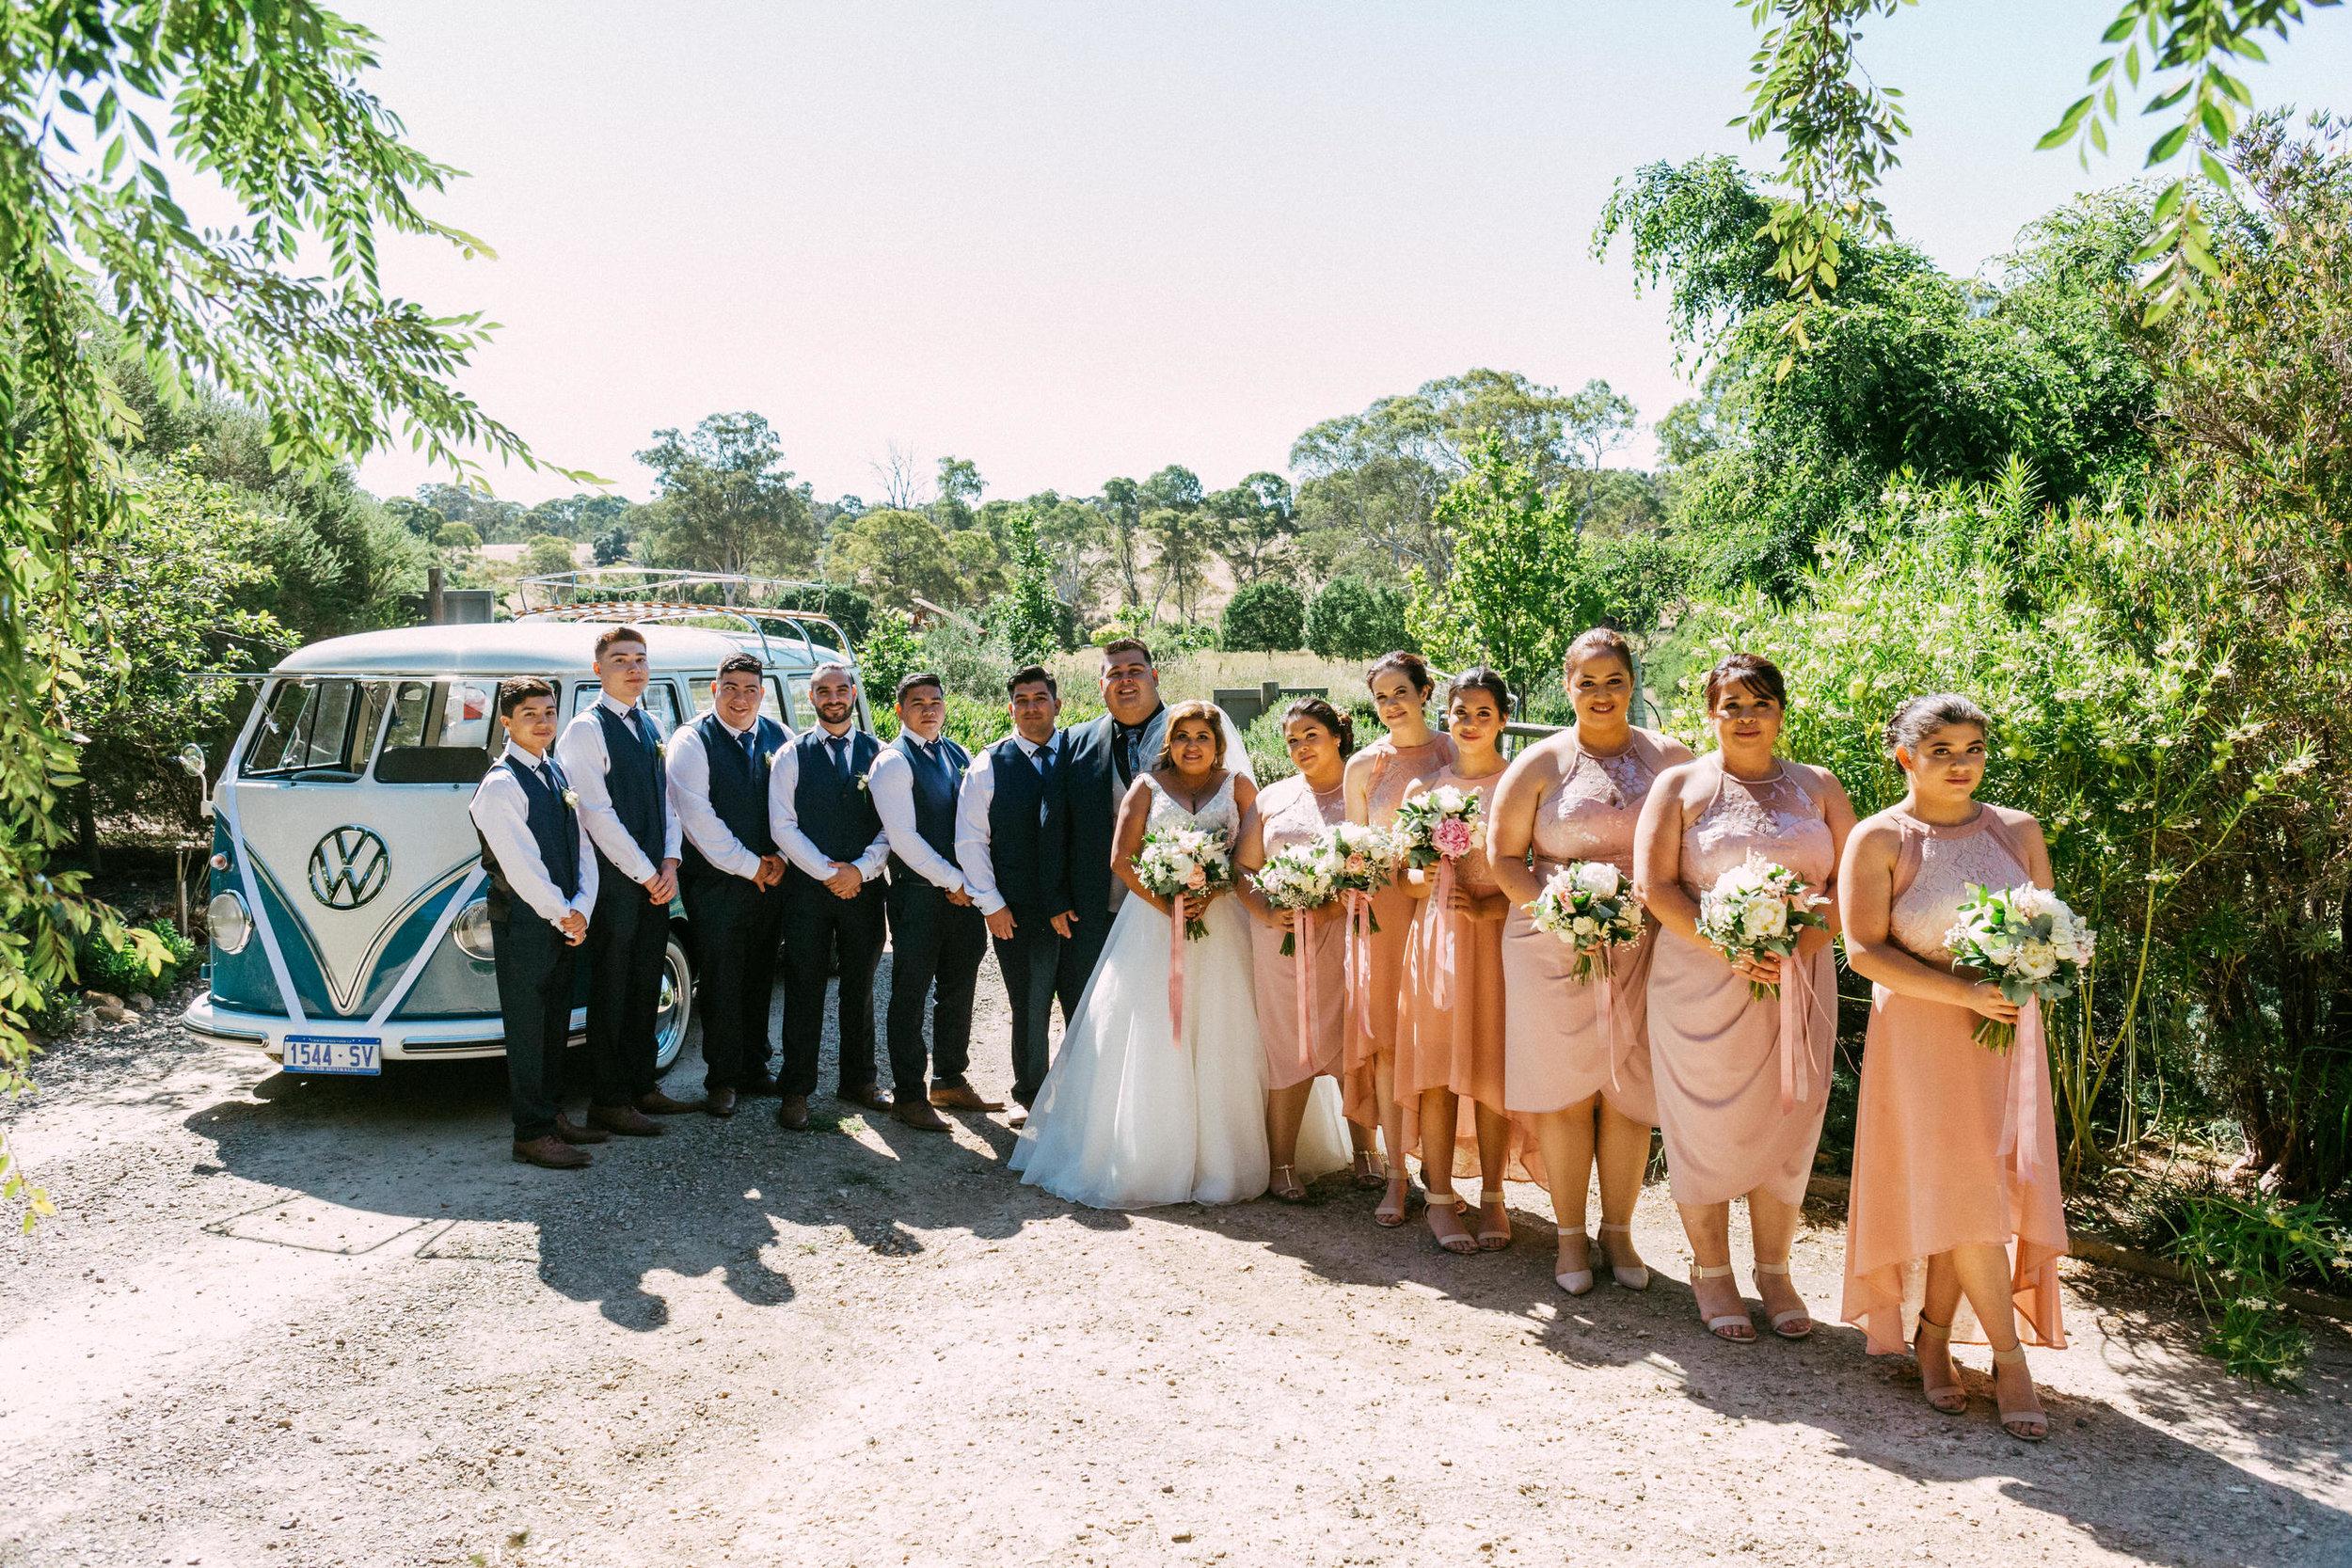 Al Ru Farm Summer Wedding 073.jpg